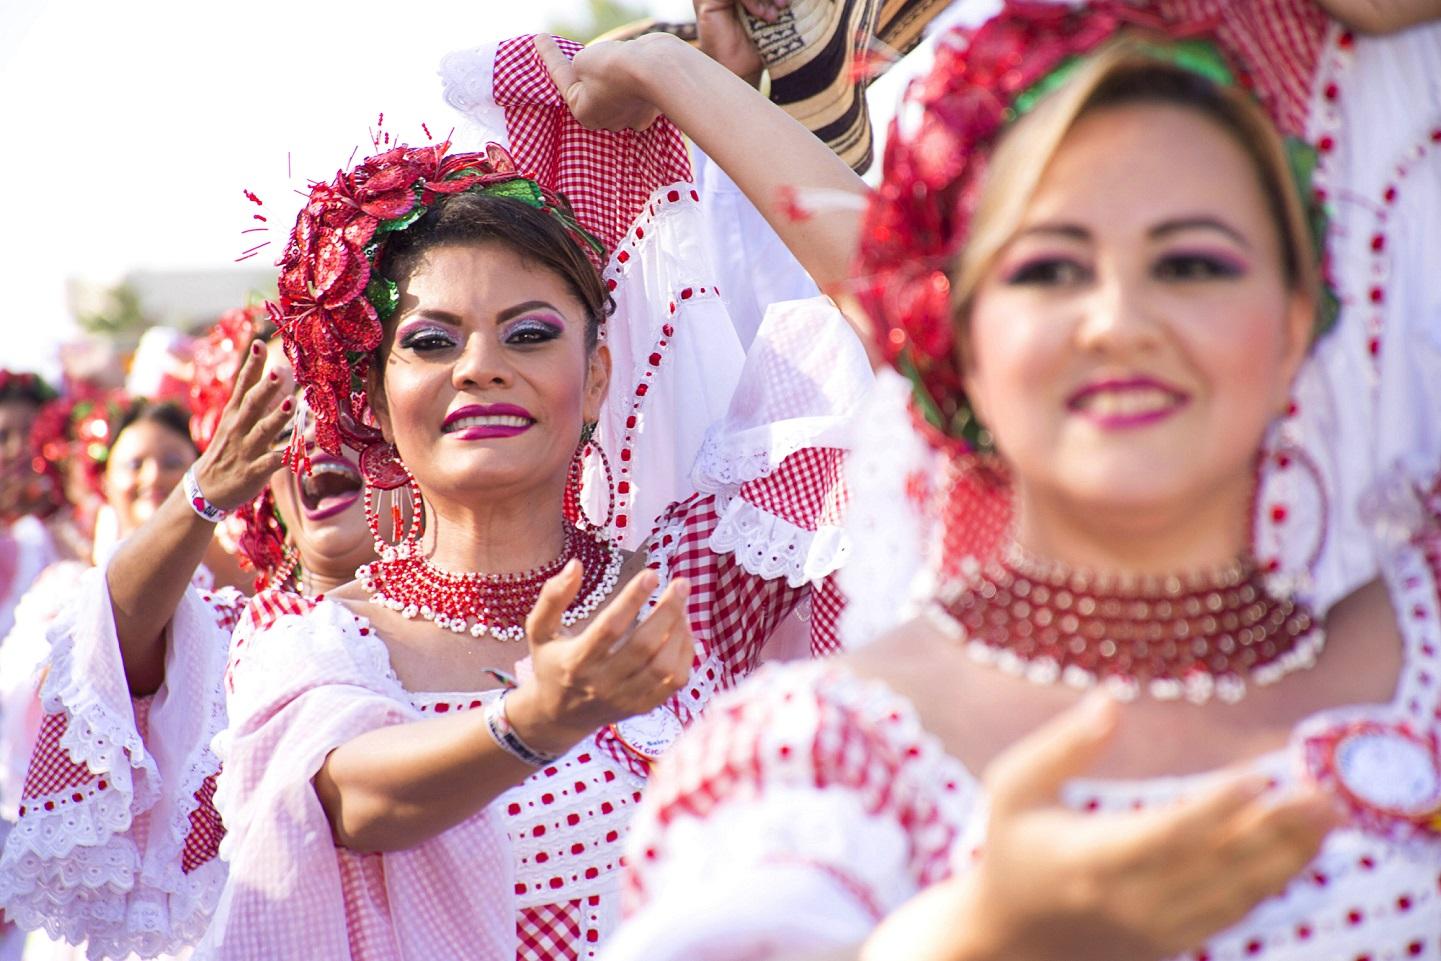 Carnaval de Barranquilla llega esta semana a Cartagena, Montería y Neiva